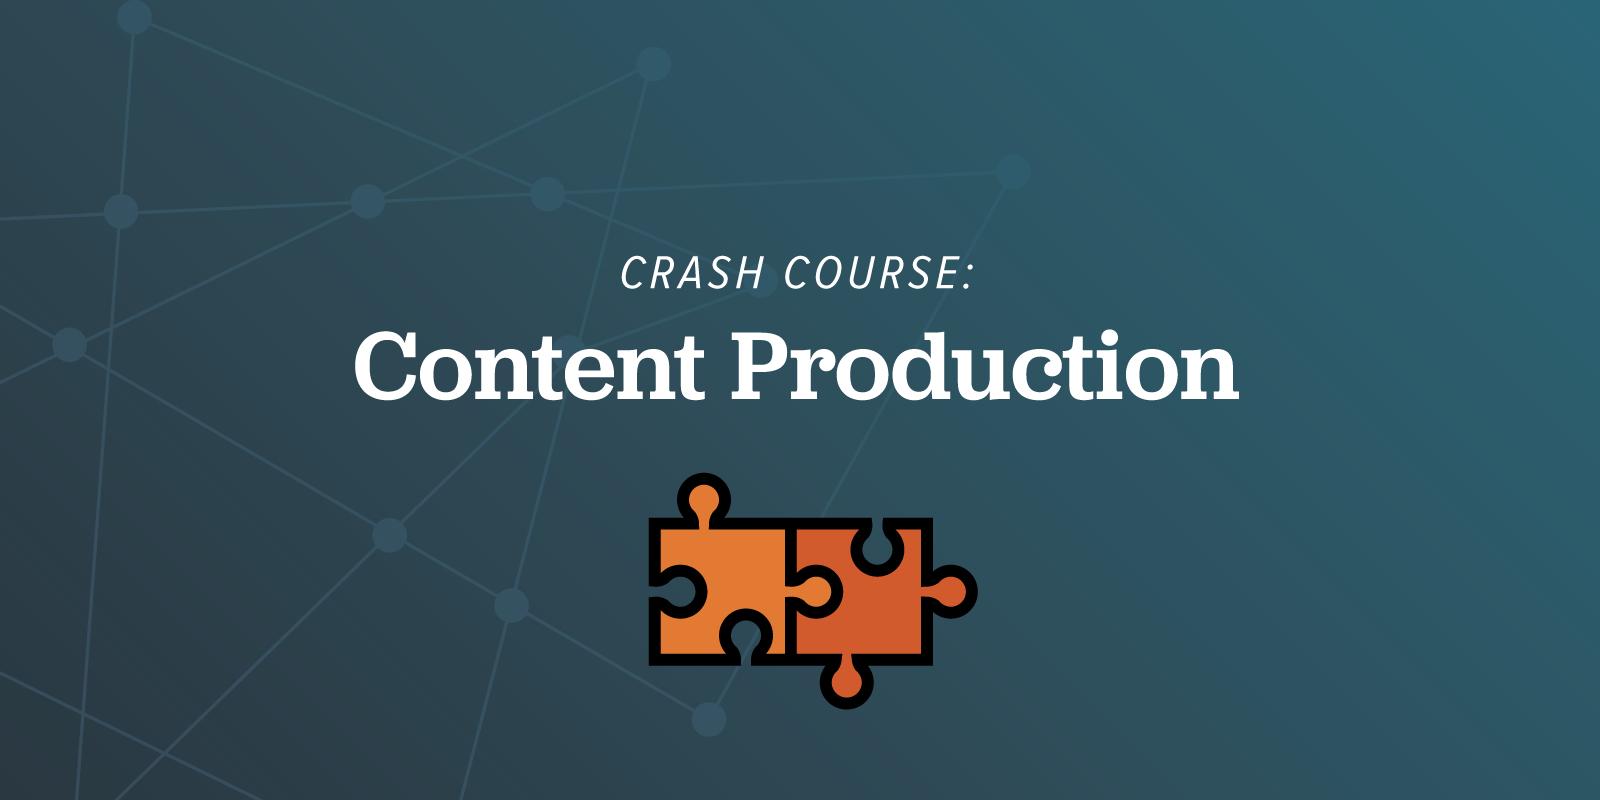 ArcStone Crash Course: Content Production